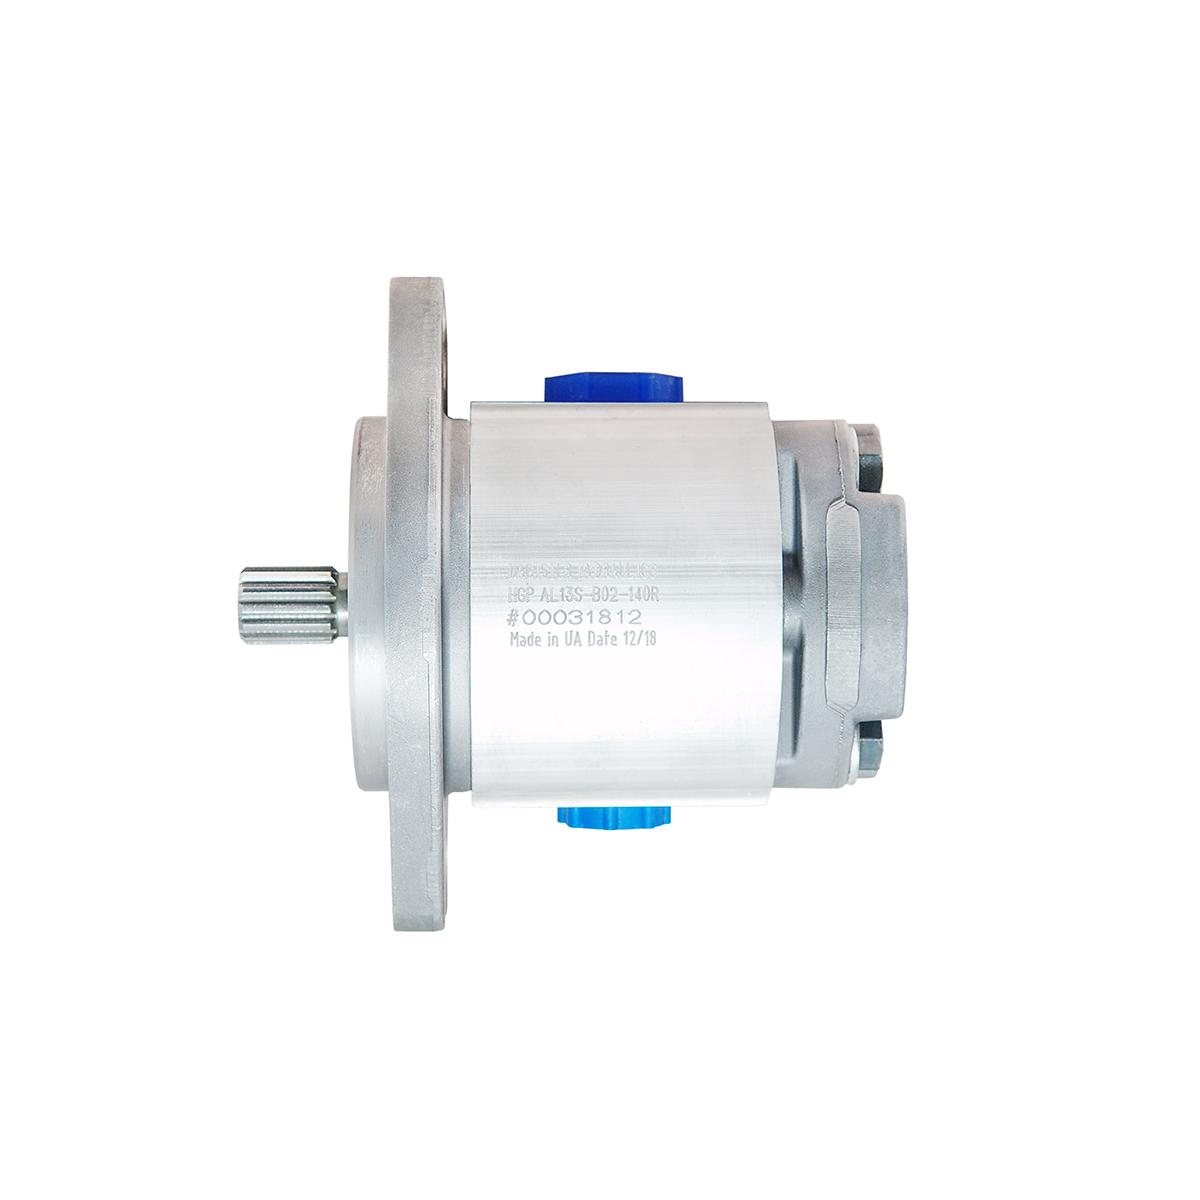 0.61 CID hydraulic gear pump, 9 tooth spline shaft counter-clockwise gear pump | Magister Hydraulics